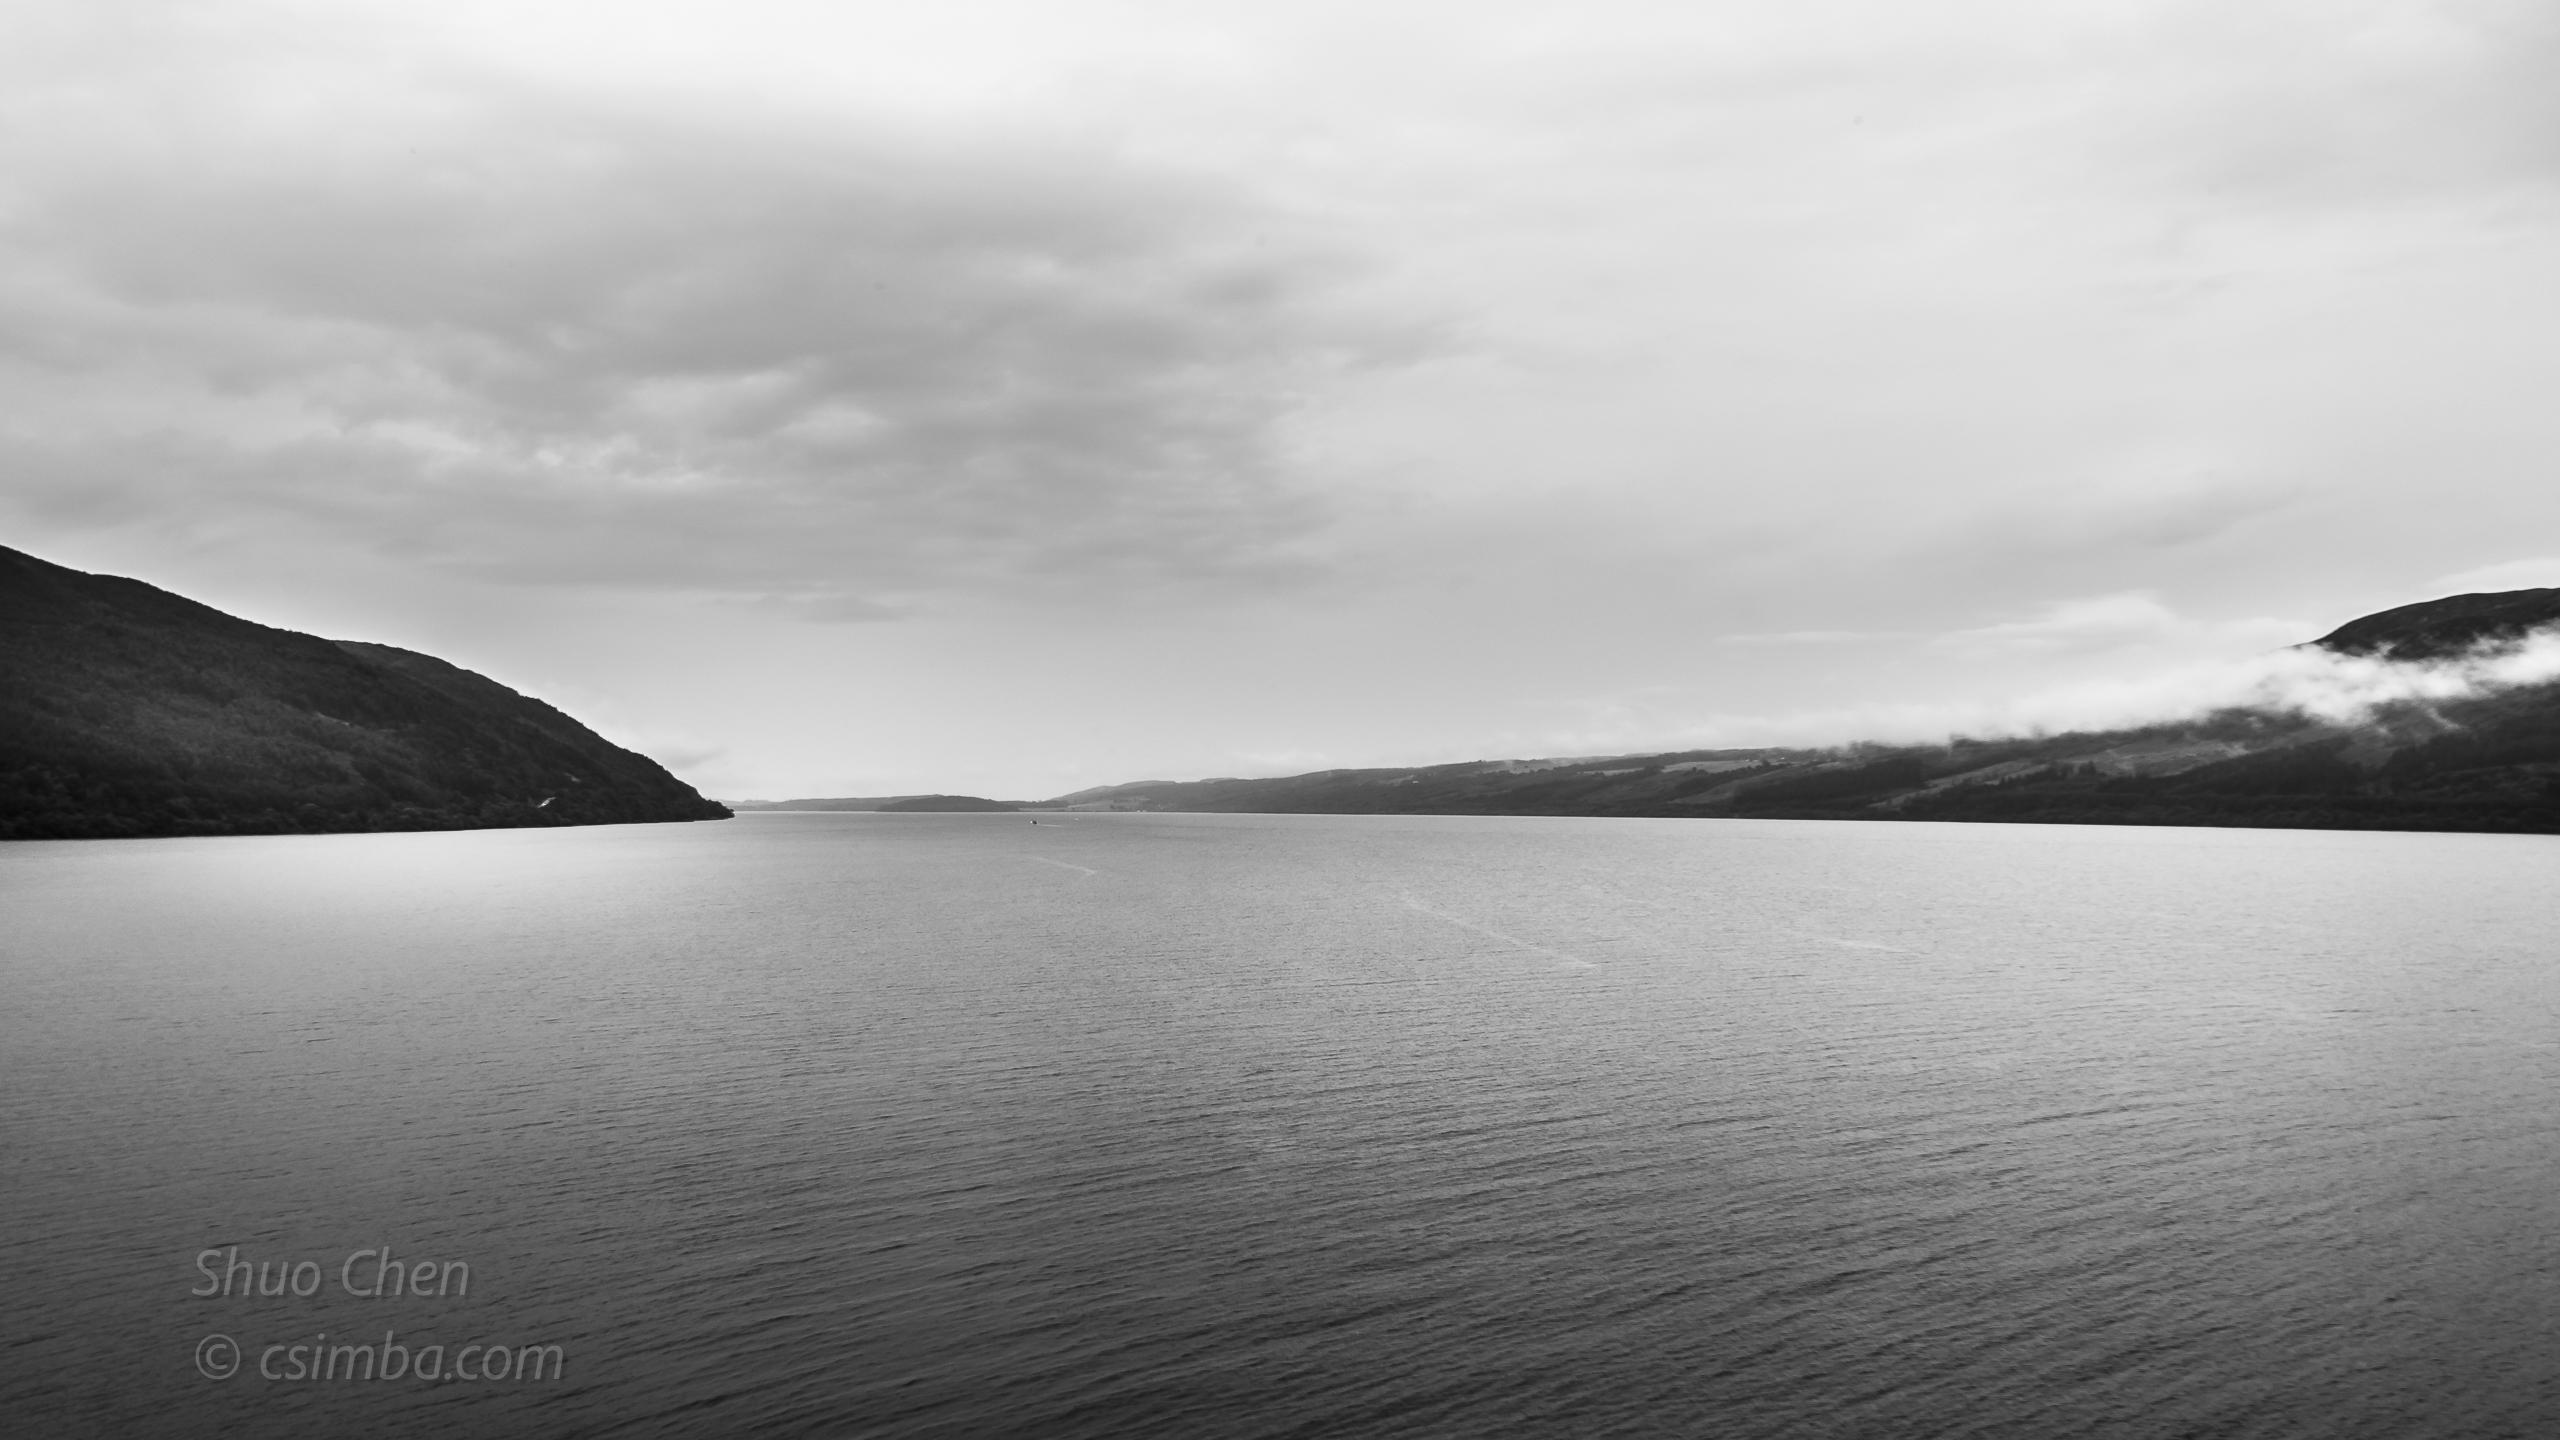 20160715 Loch Ness